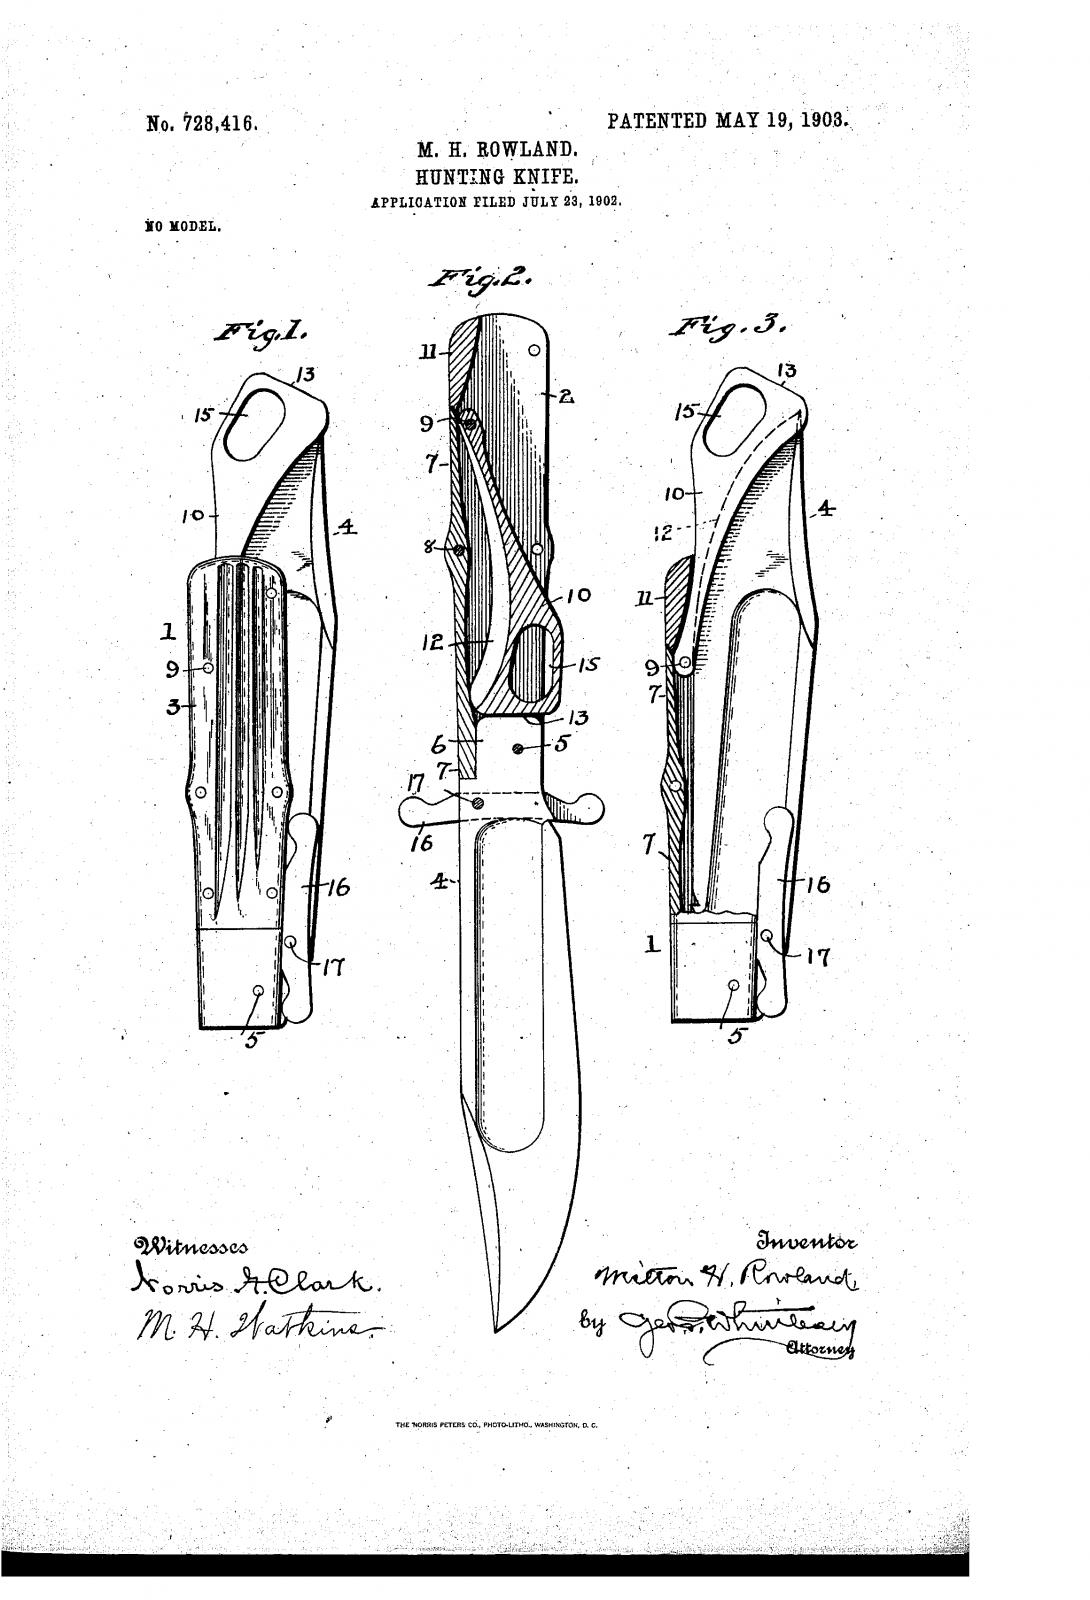 Схема и устройство выкидного ножа с